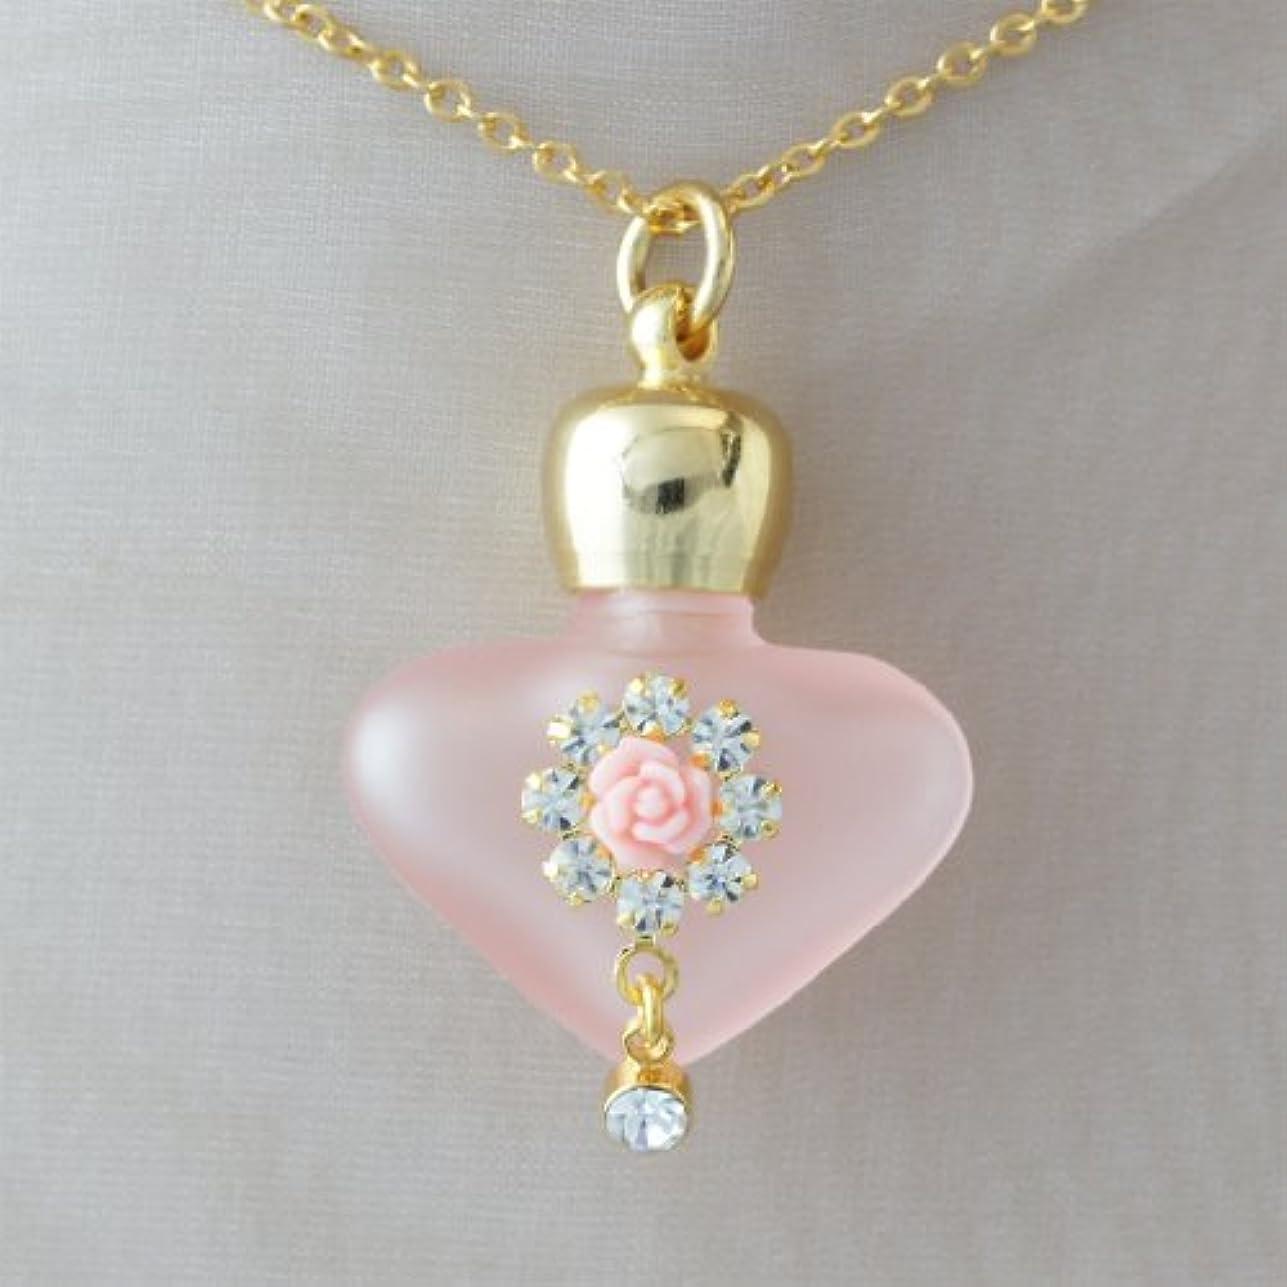 デジタル購入導体【天使の小瓶】 ハートフラワー (ピンク)